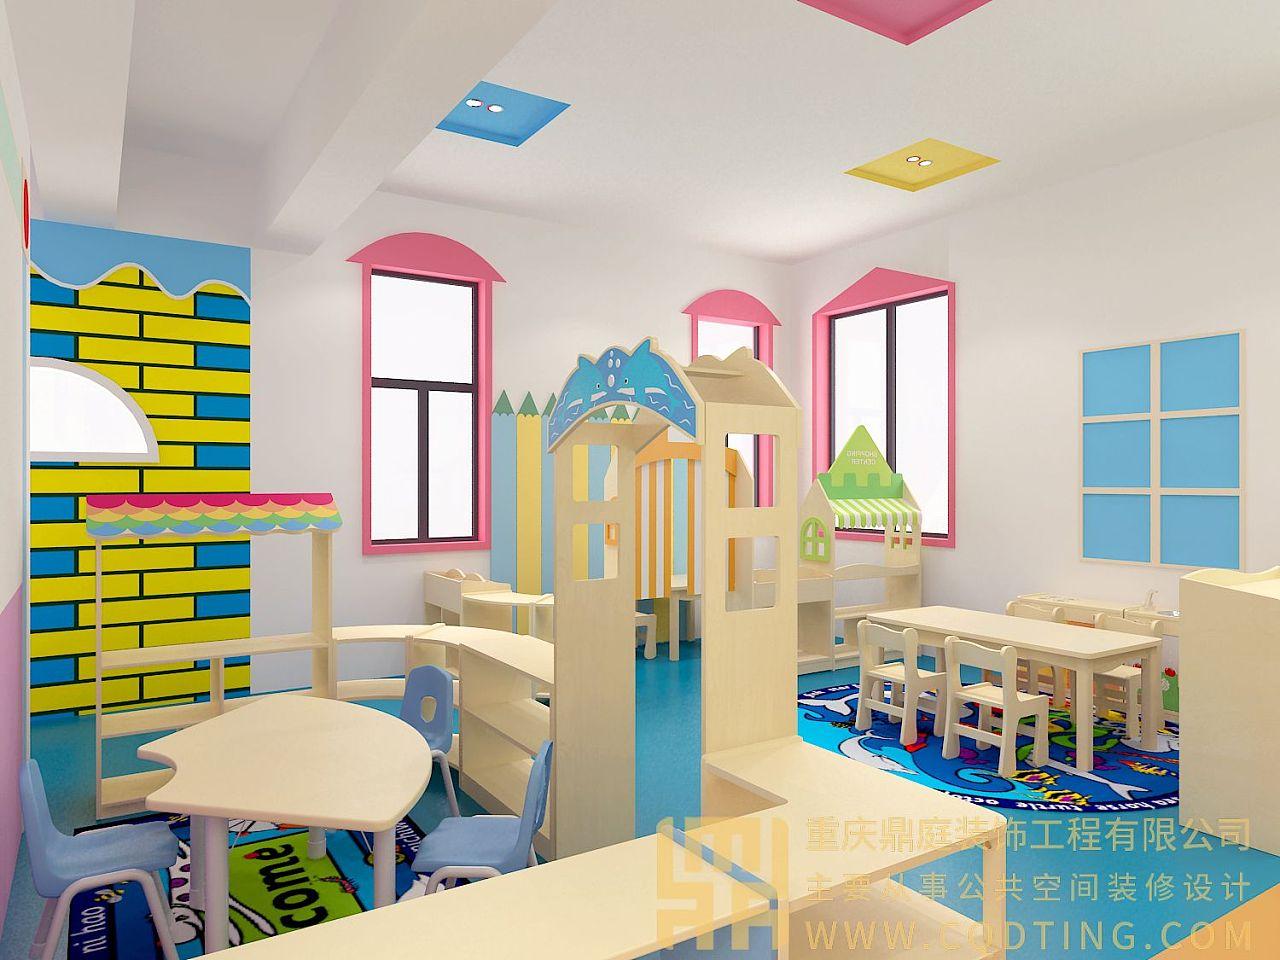 重庆幼儿园装修/幼儿园设计/幼儿园规划/幼儿园效果图